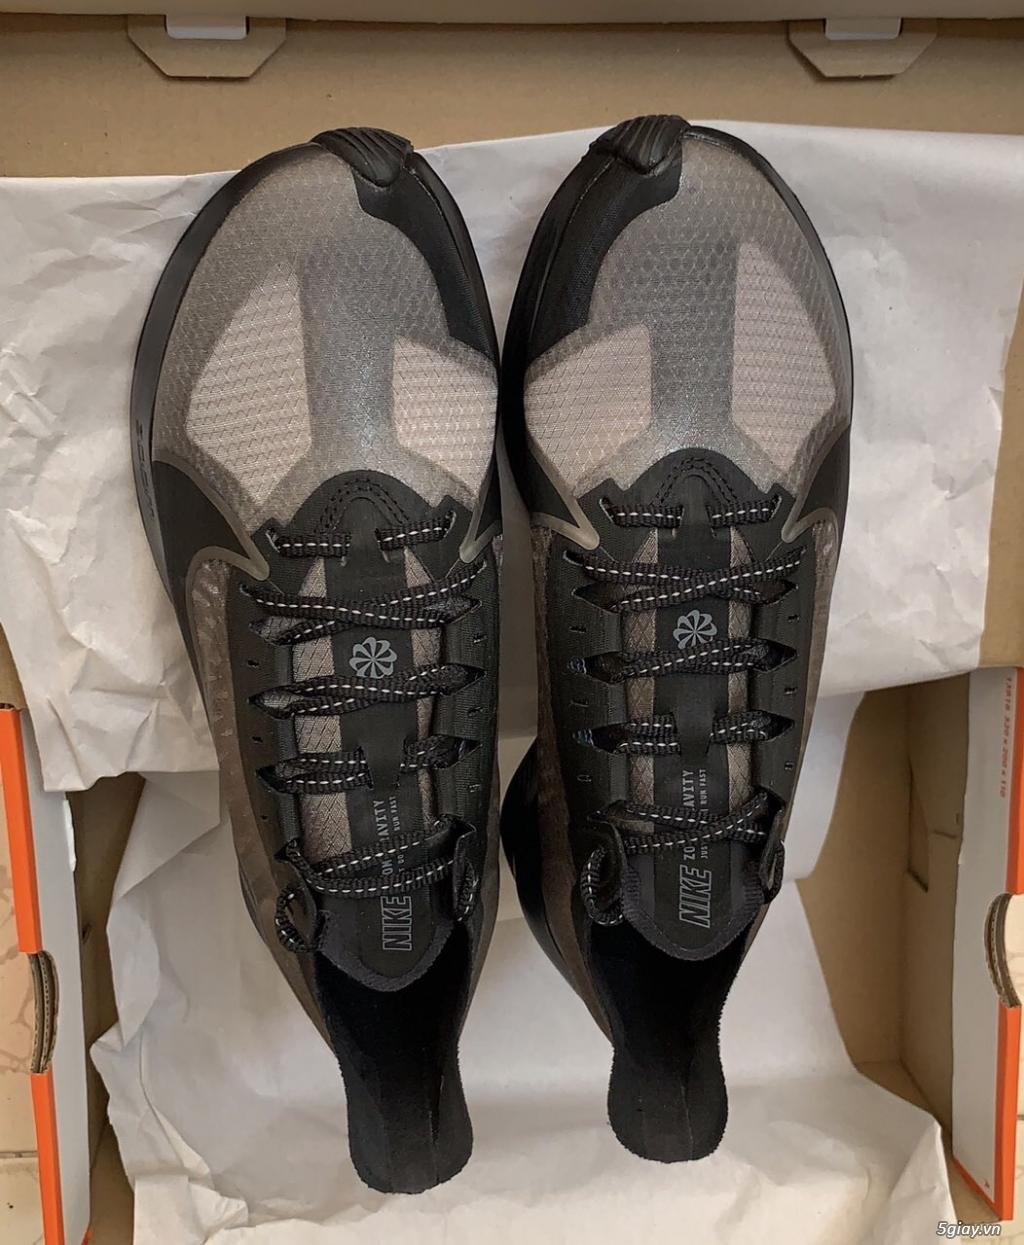 Giảm giá giày Nike xách tay từ mỹ - 2